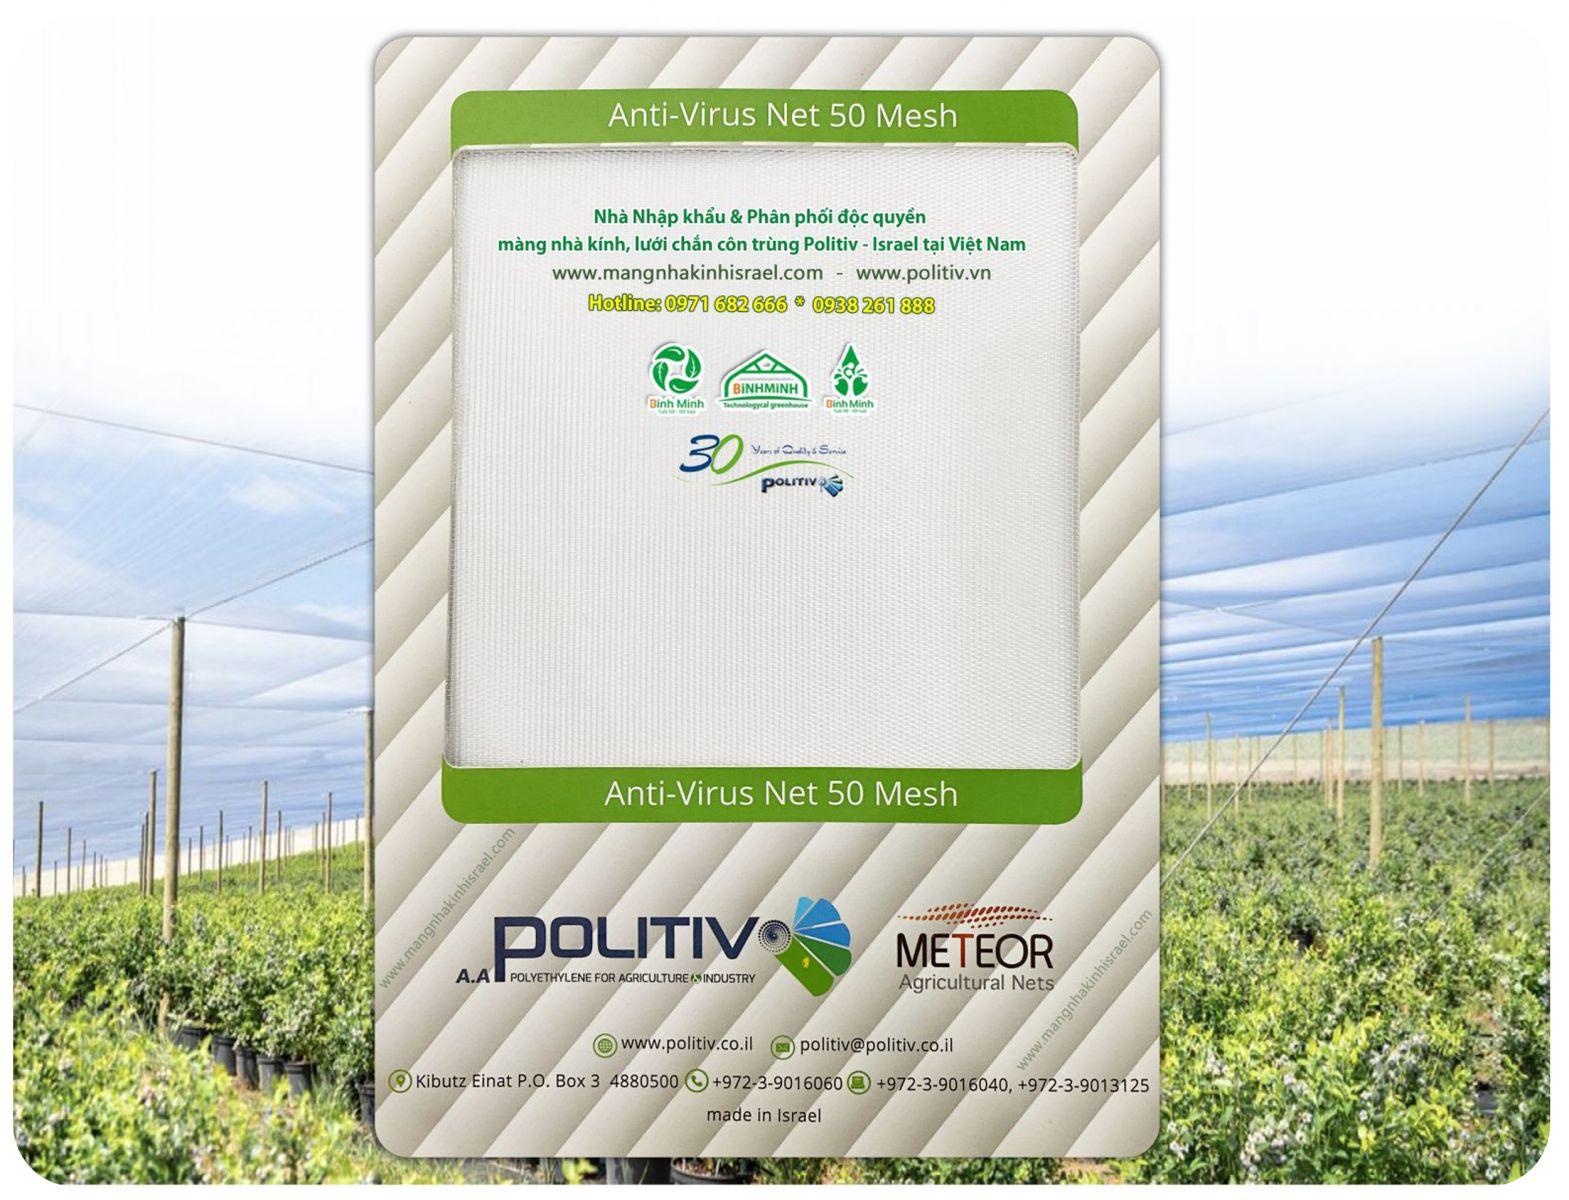 lưới chắn côn trùng politiv Israel, lưới chắn côn trùng,nhà lưới trồng rau, nhà lưới nông nghiệp, nhà kính nông nghiệp, lưới chống côn trùng